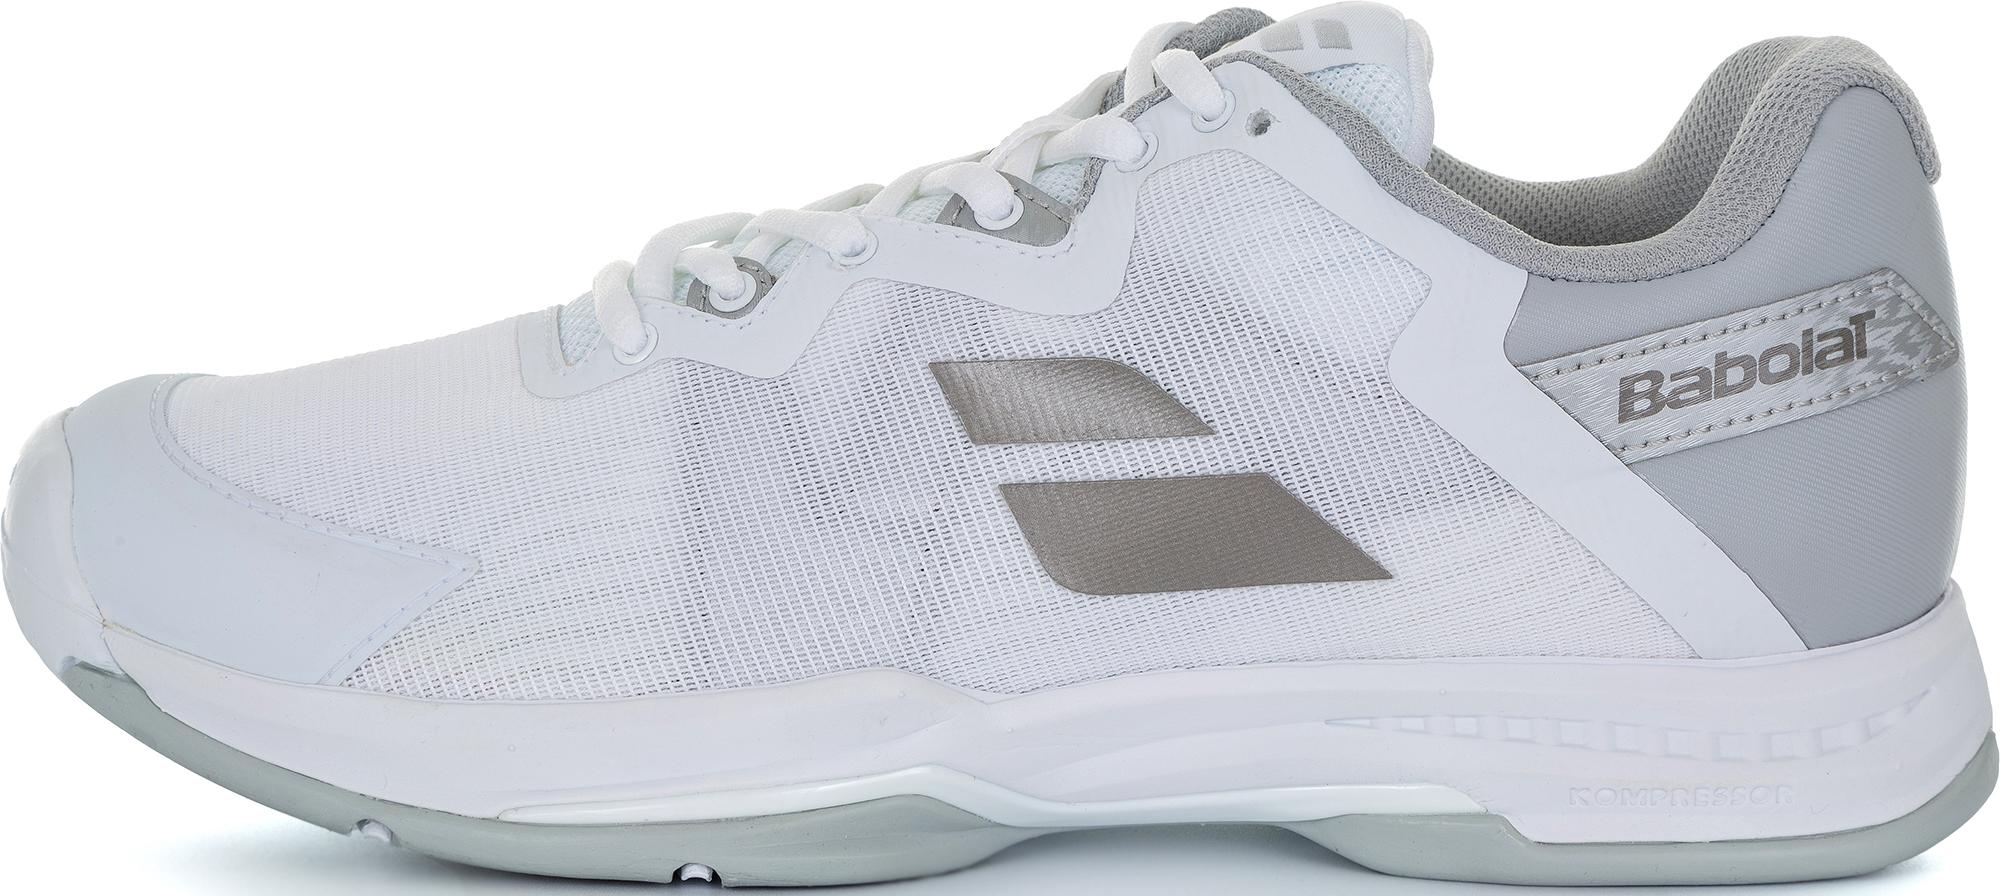 Babolat Кроссовки женские Babolat Sfx3 All Court, размер 40 кроссовки мужские adidas all court цвет белый bb9926 размер 7 39